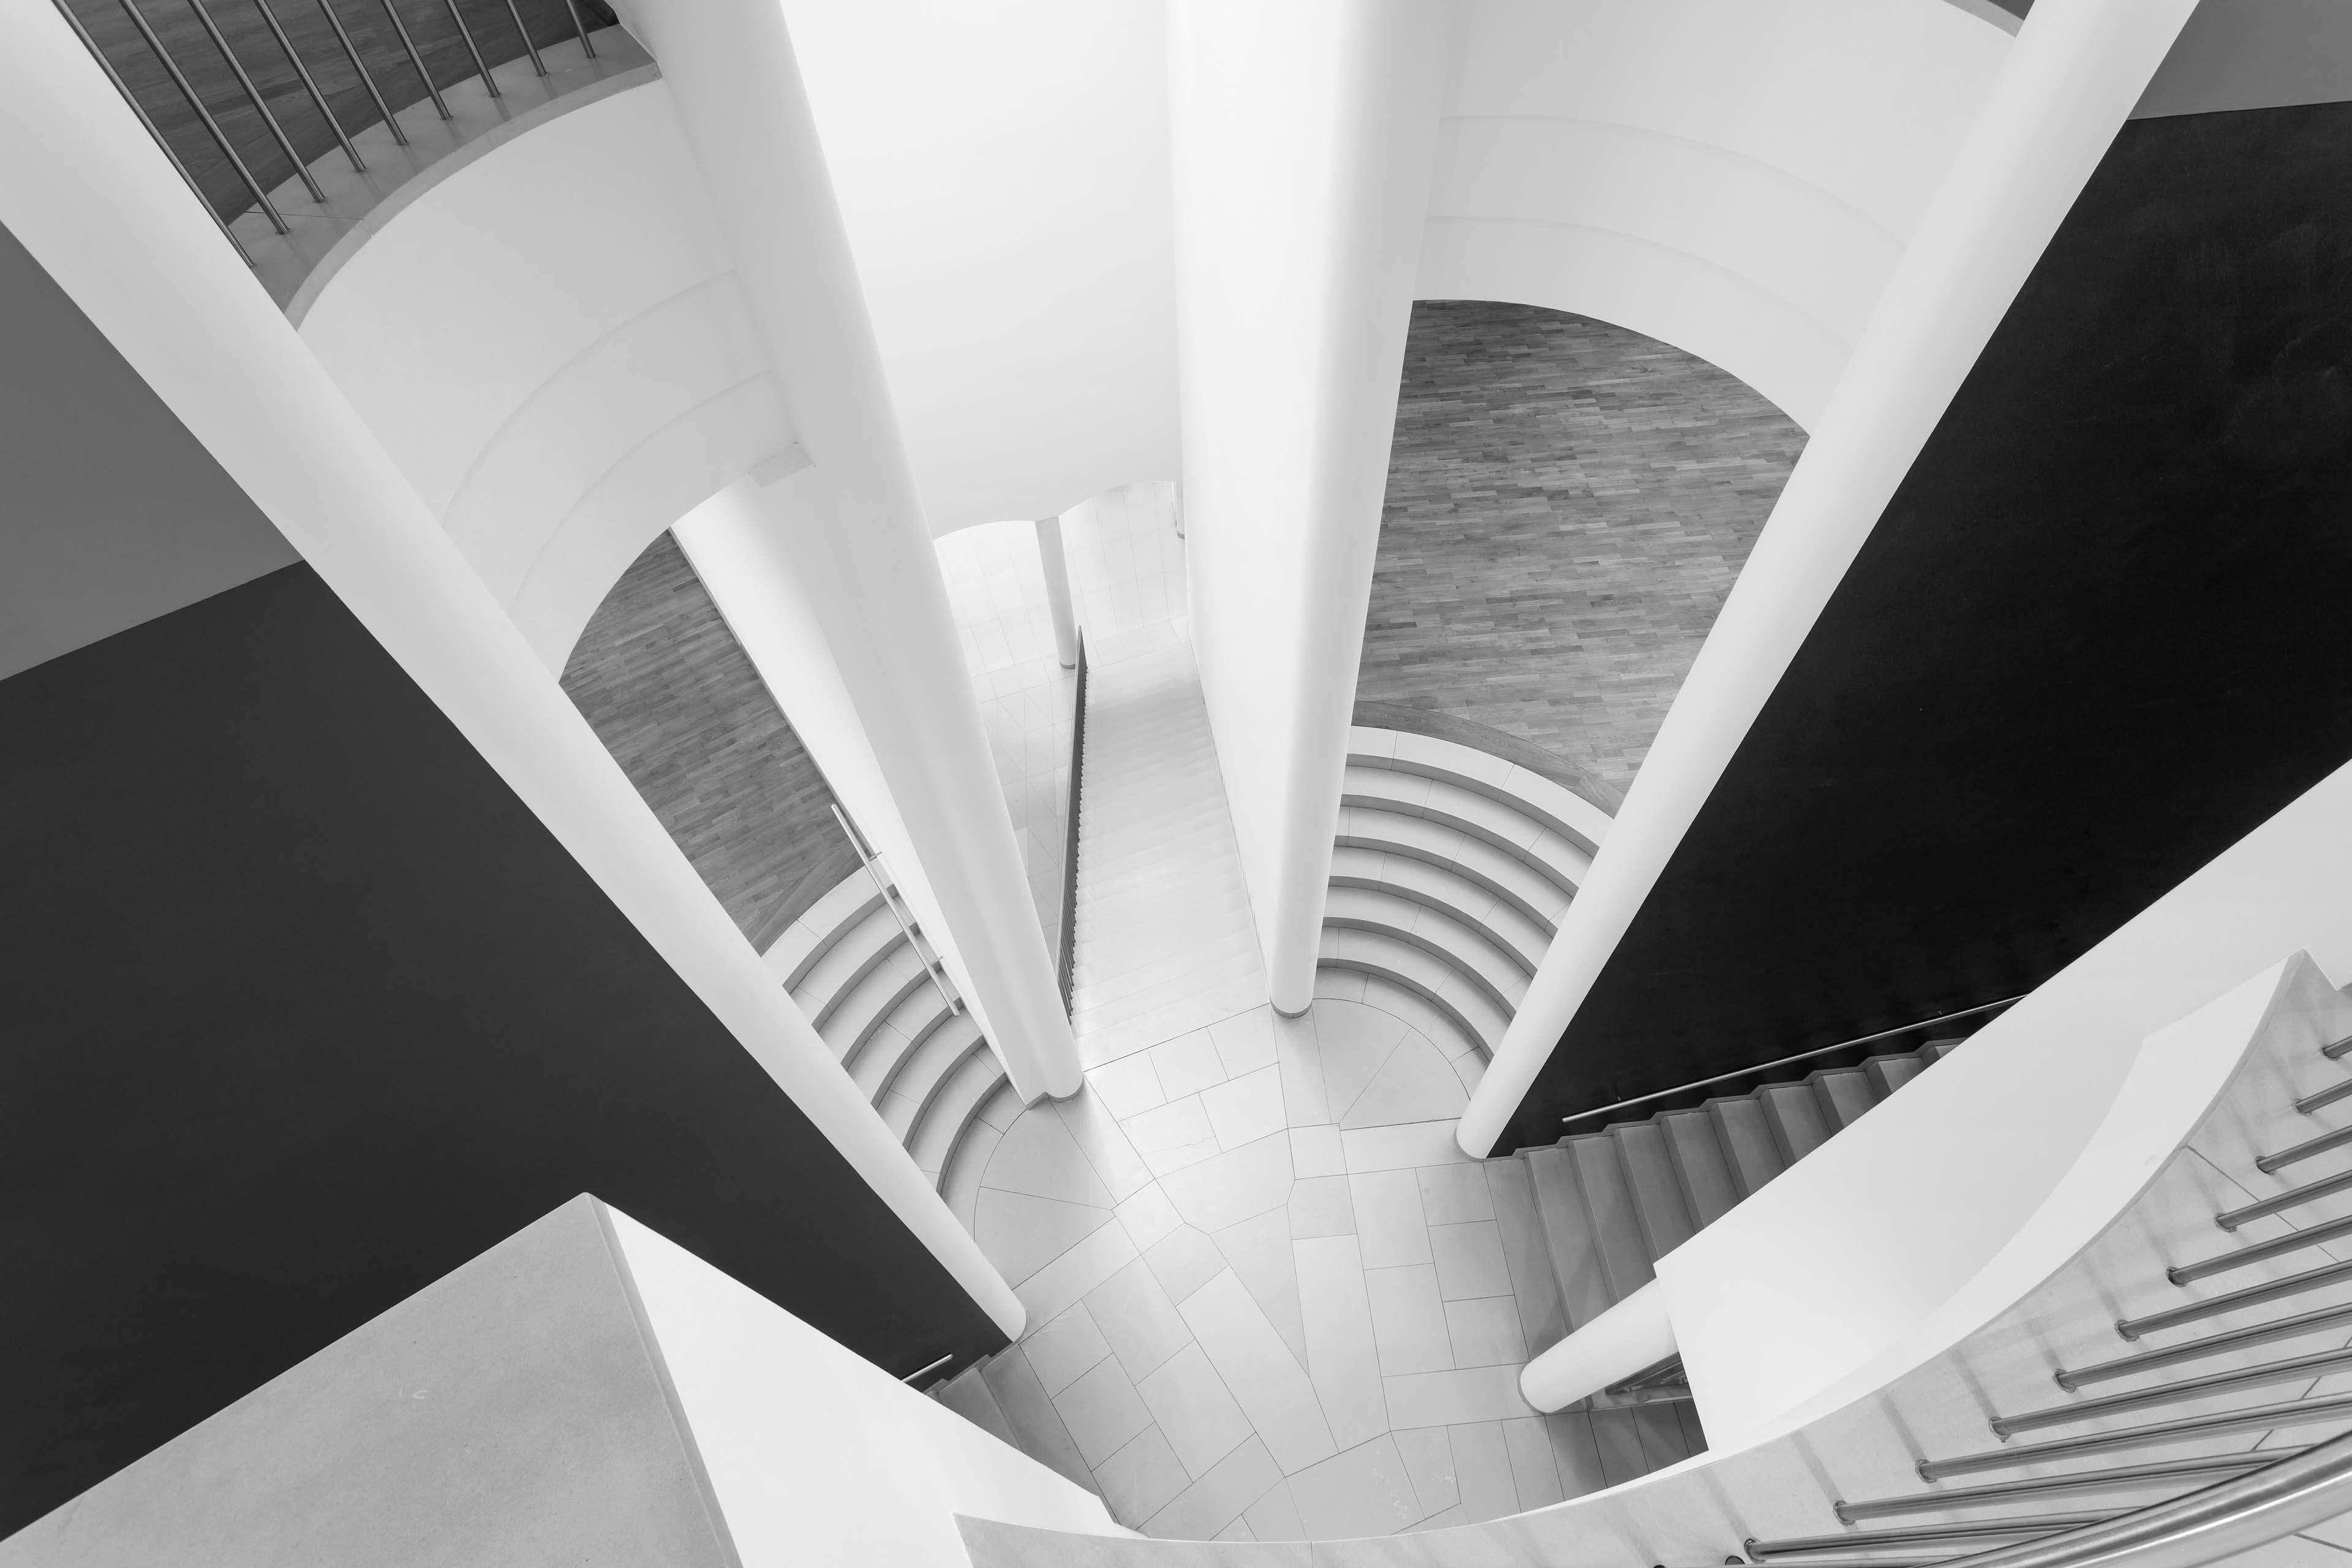 Treppenhaus des Museum MMK für Moderne Kunst